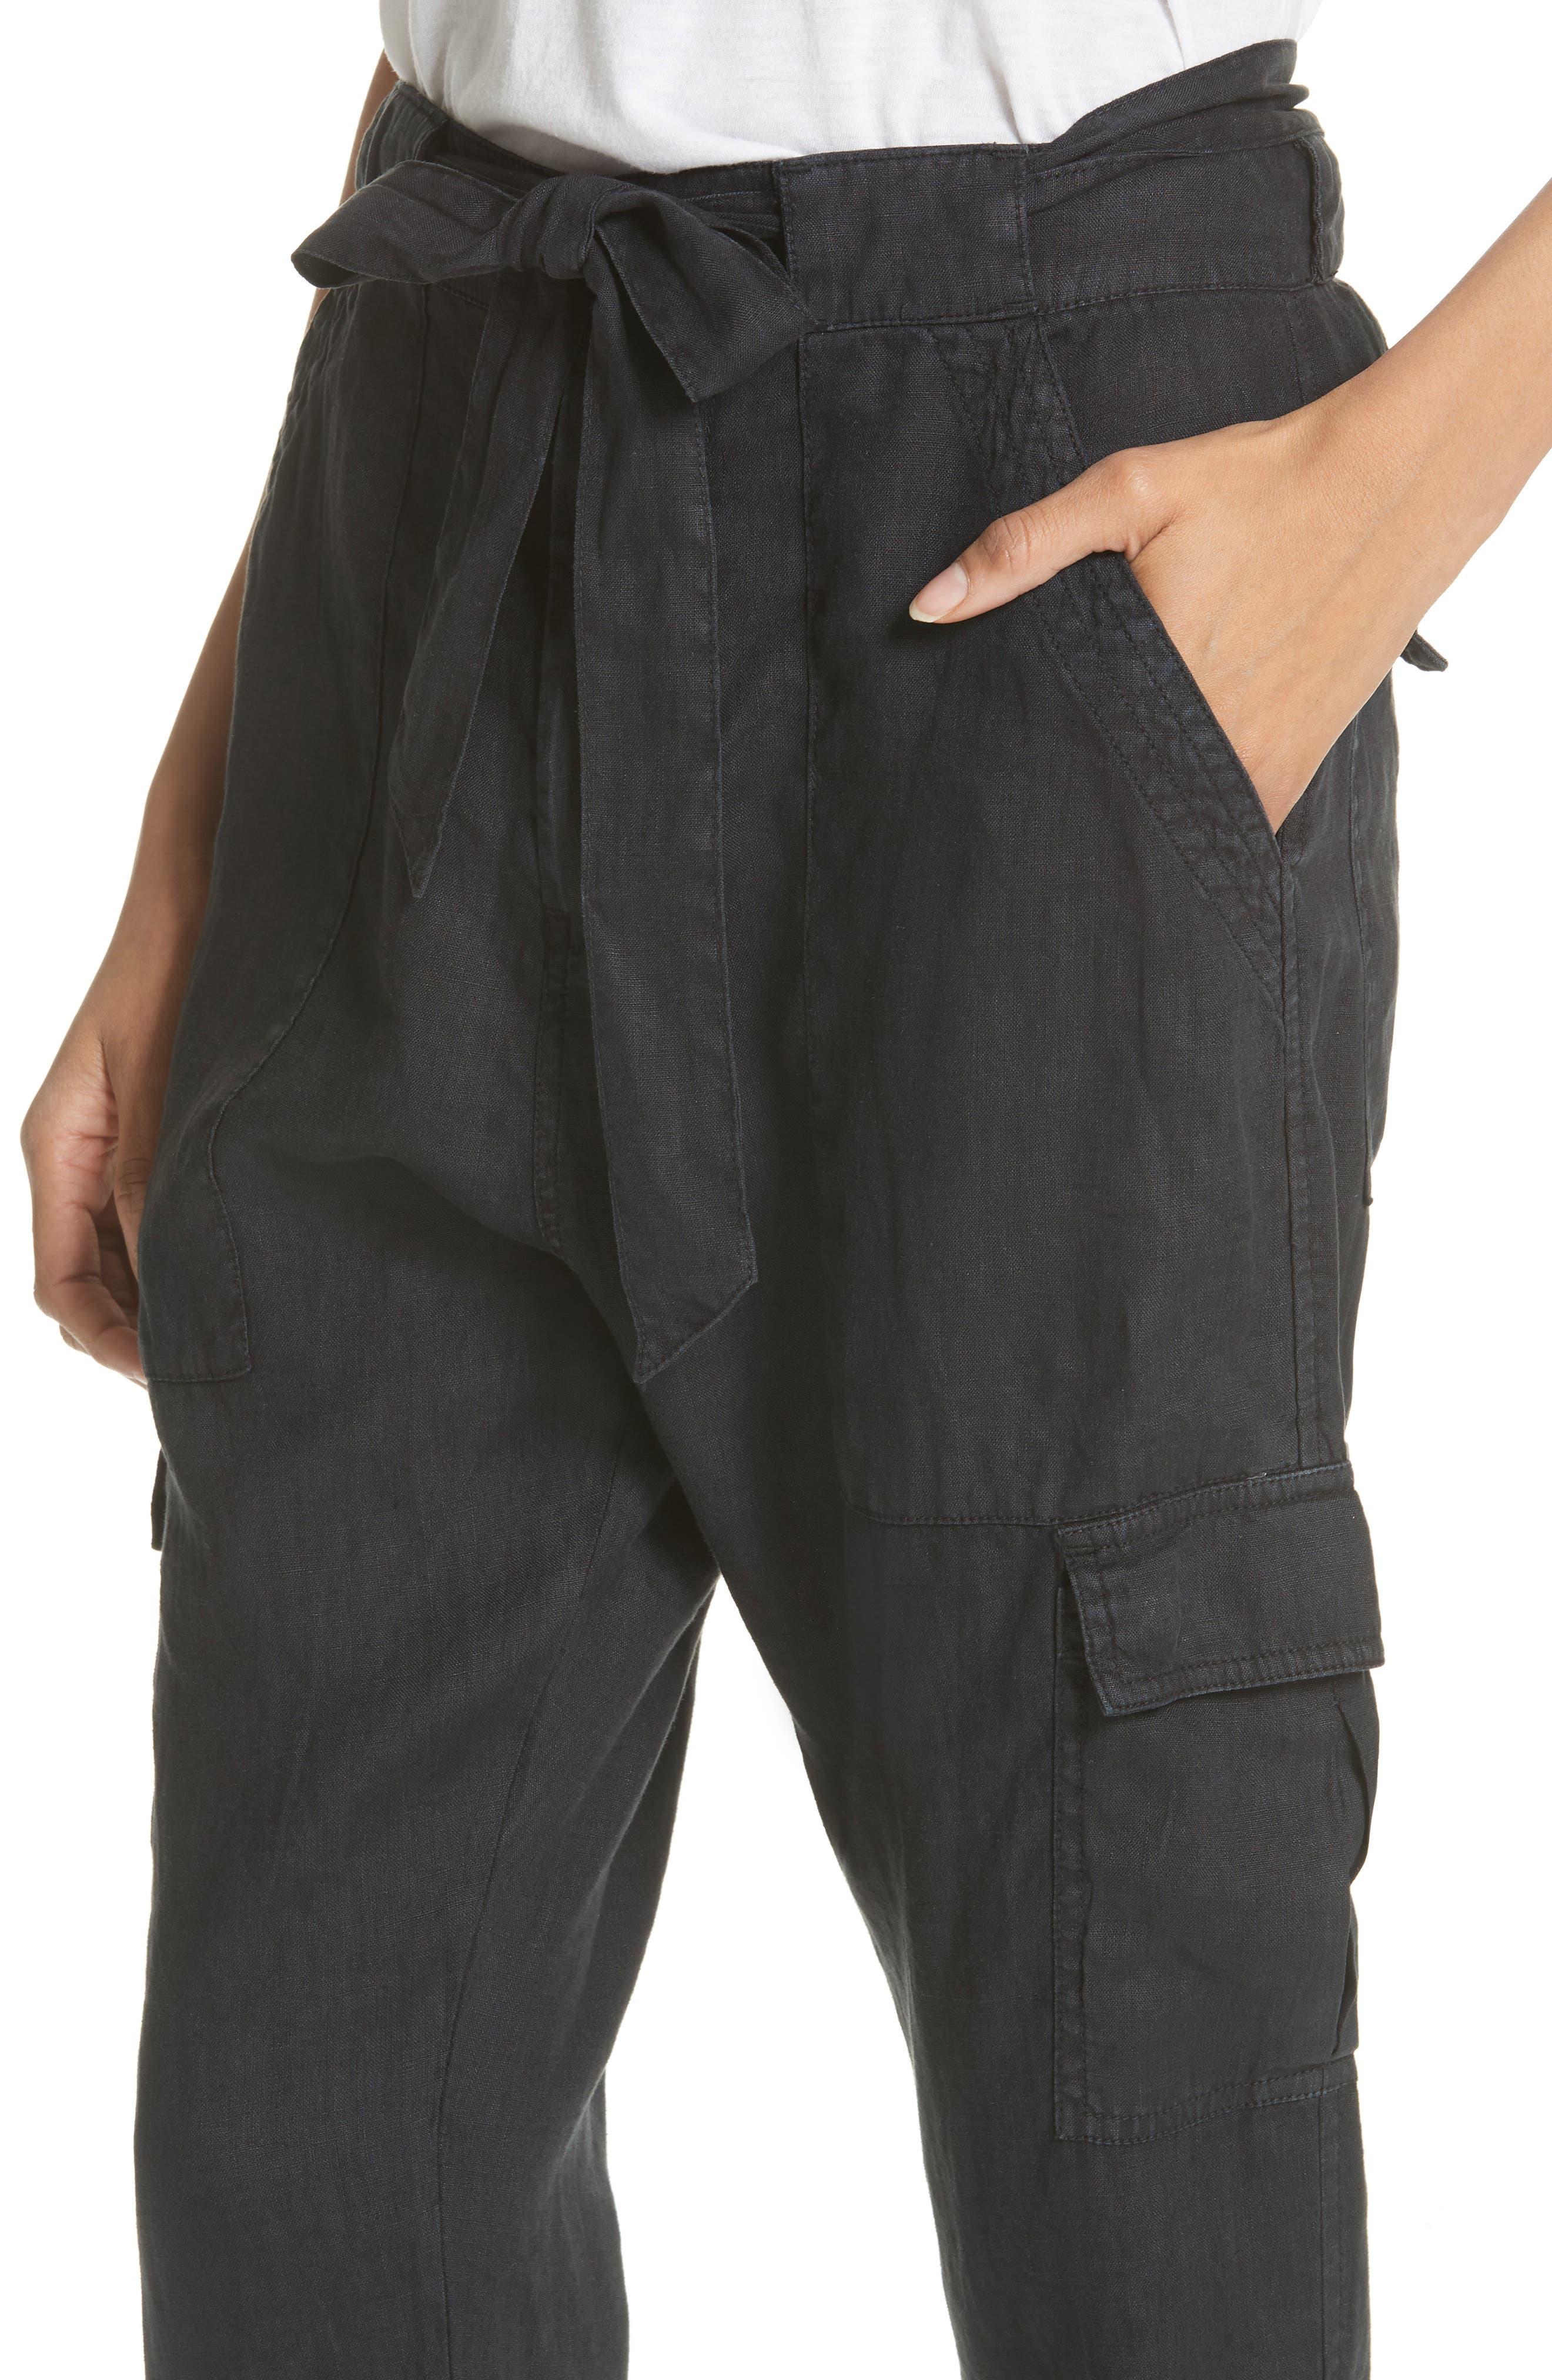 Erlette Linen Tie Cuff Crop Pants,                             Alternate thumbnail 7, color,